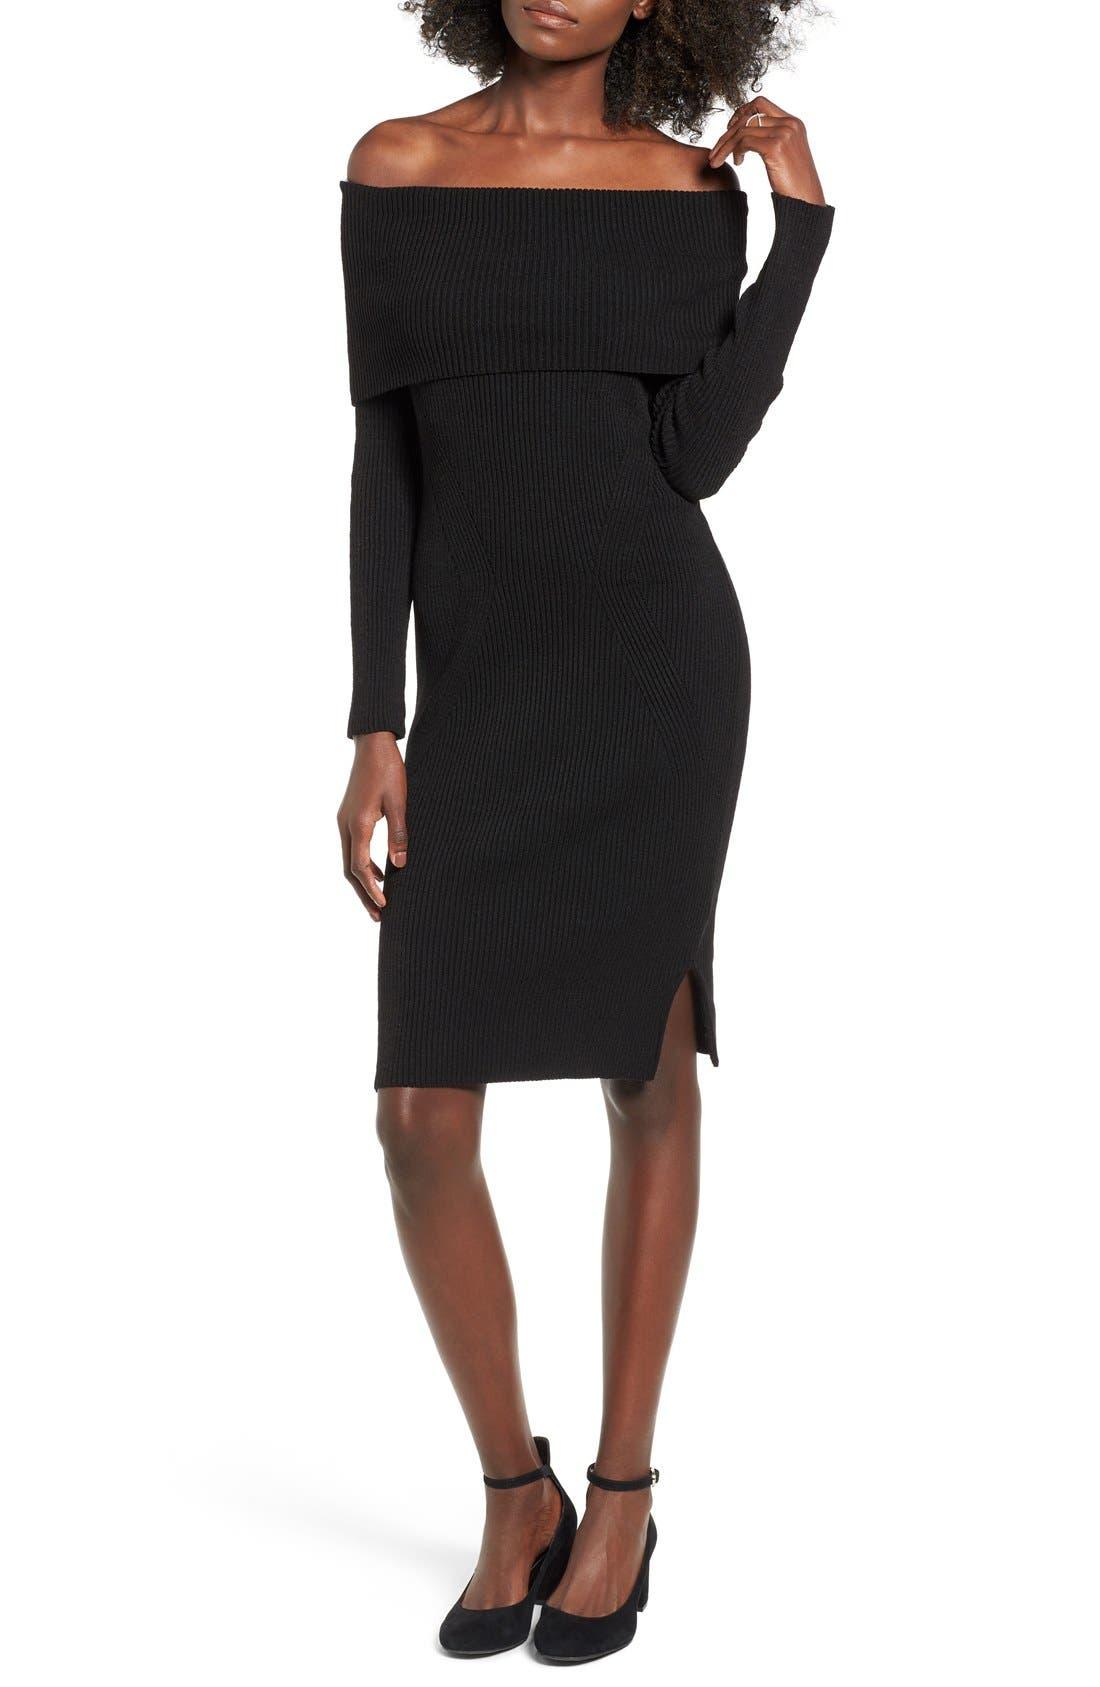 COTTON EMPORIUM,                             Off the Shoulder Knit Body-Con Dress,                             Main thumbnail 1, color,                             001